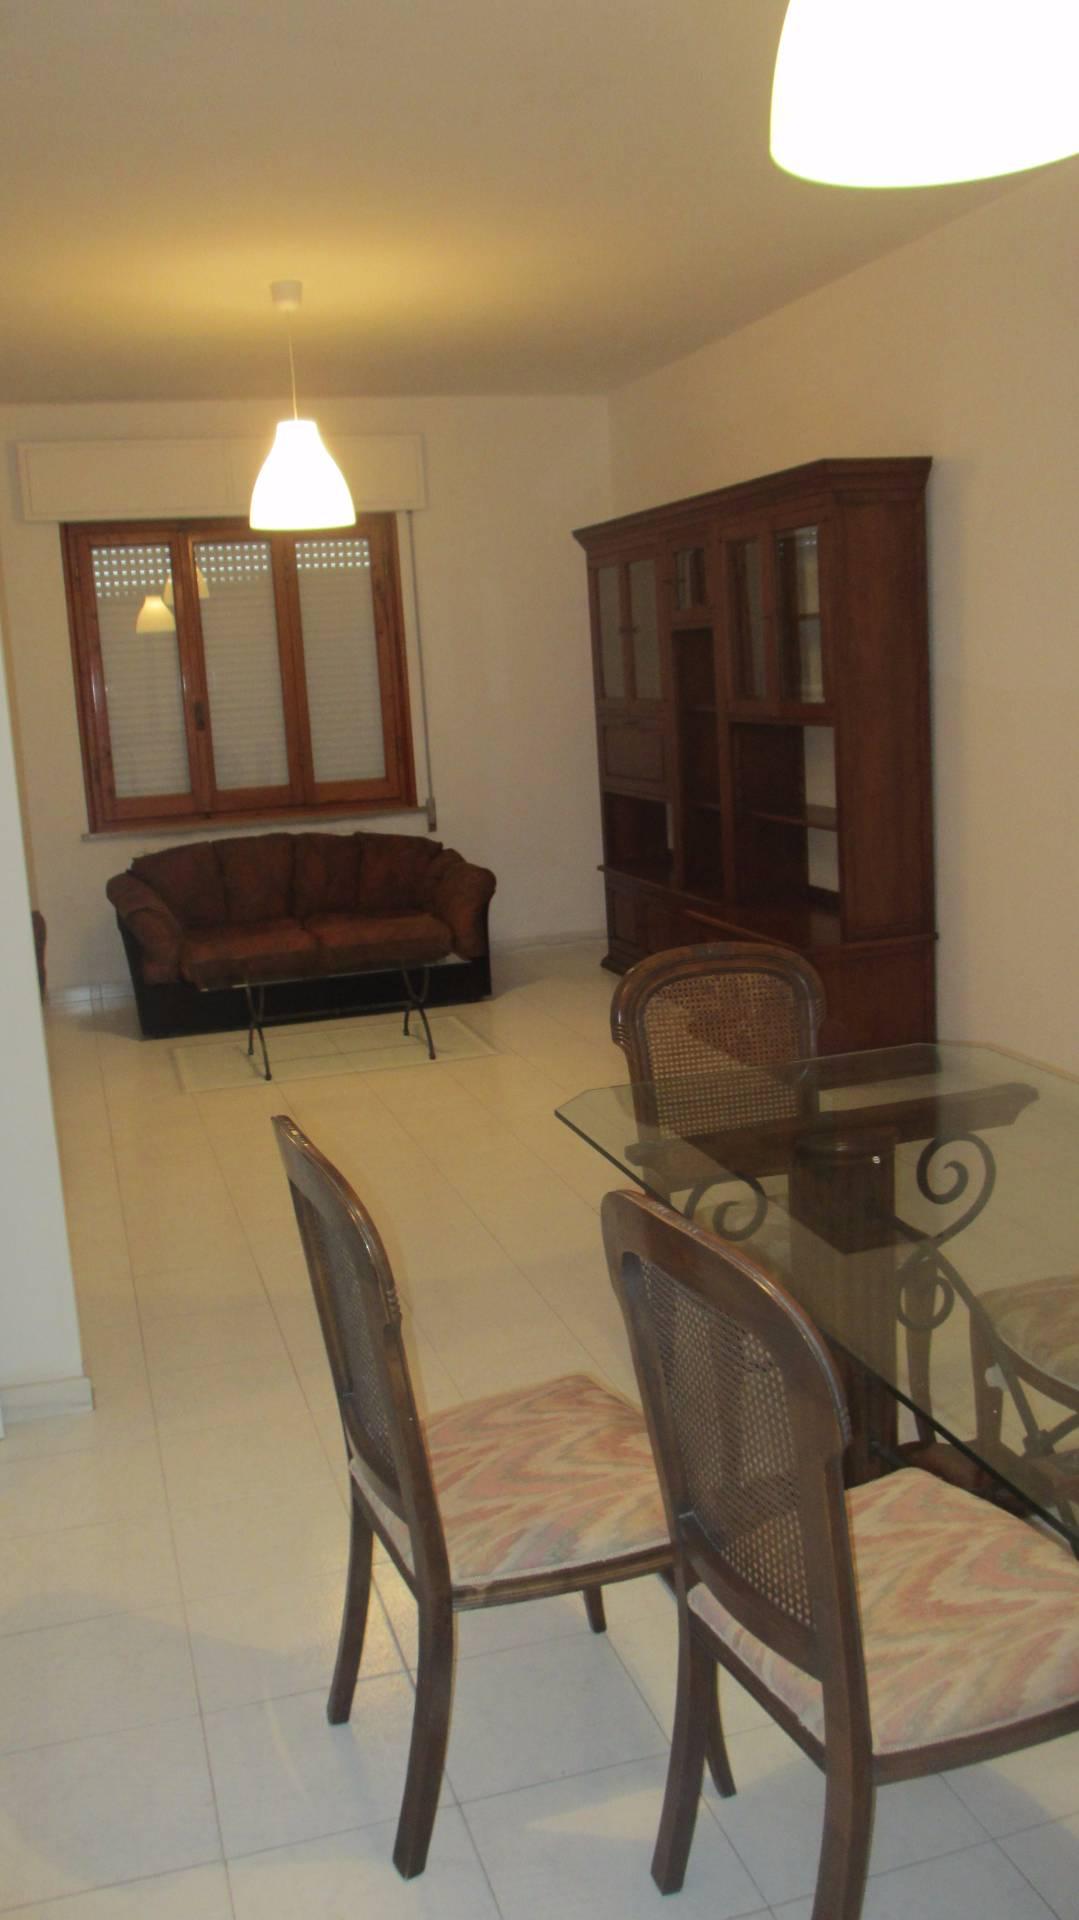 Soluzione Indipendente in affitto a Vinci, 5 locali, zona Località: Sovigliana-Spicchio, prezzo € 850 | CambioCasa.it